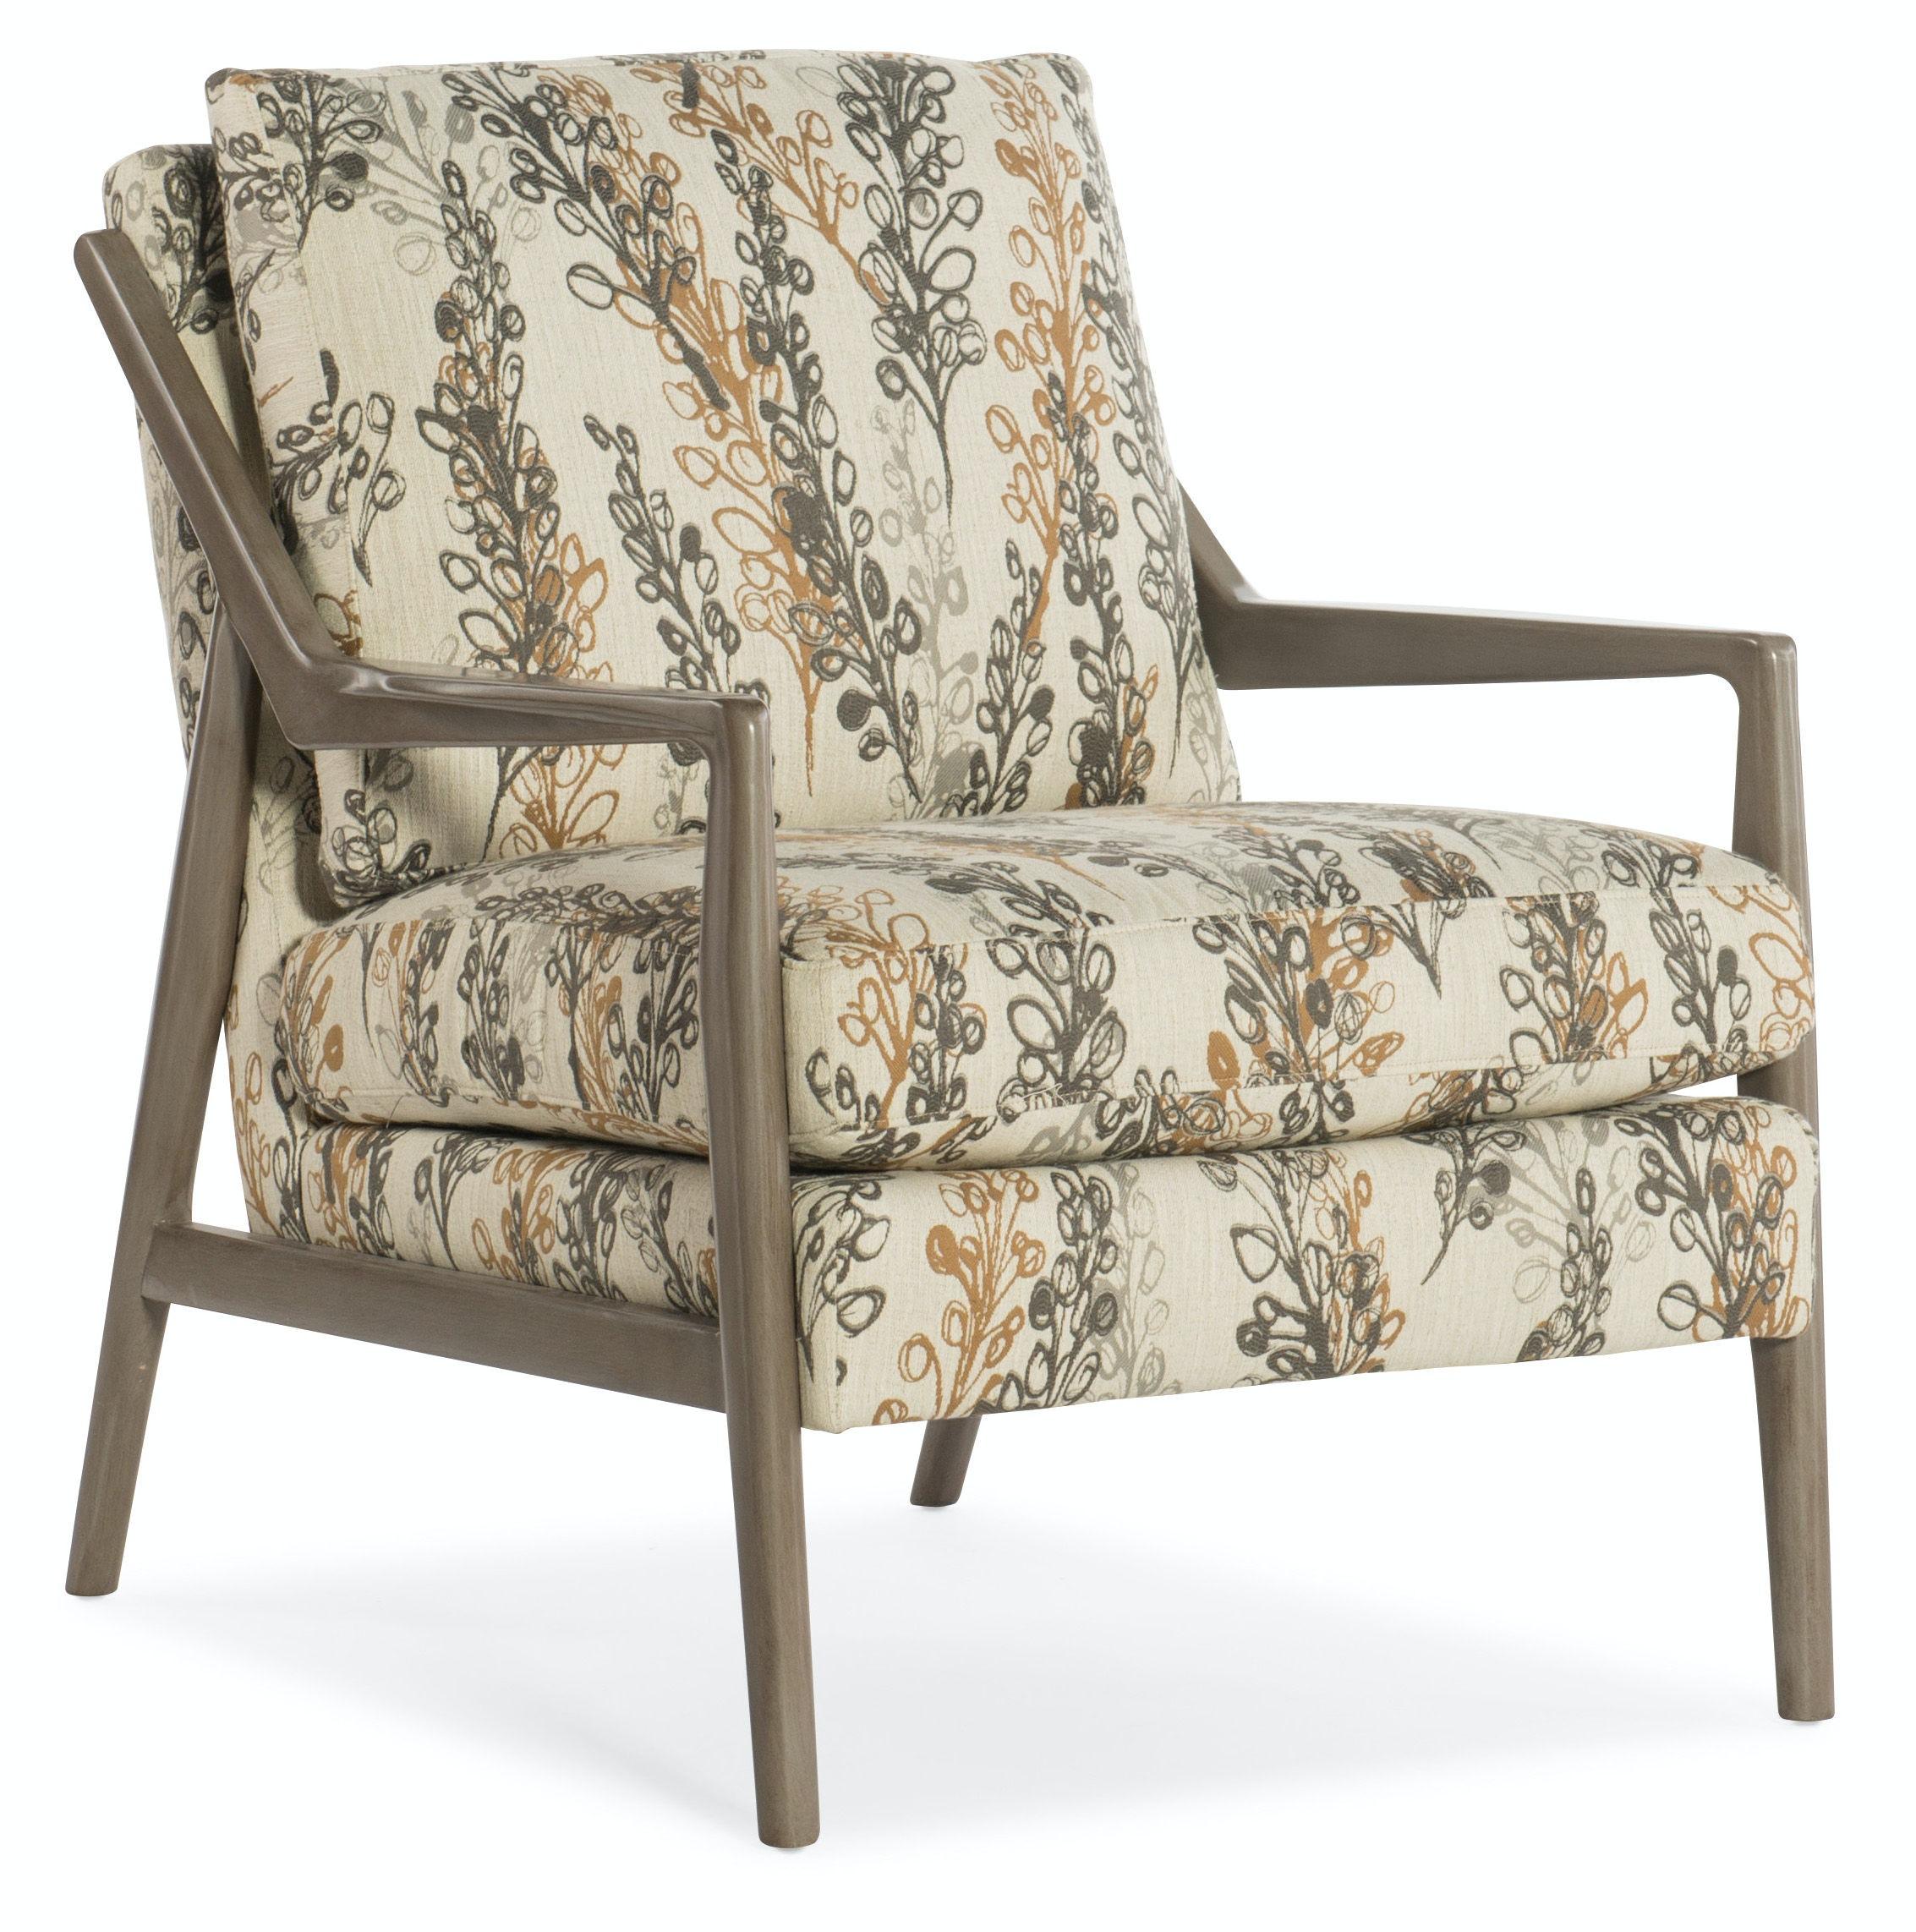 sc 1 st  Woodleyu0027s Fine Furniture & Sam Moore Anders Exposed Wood Chair 4621